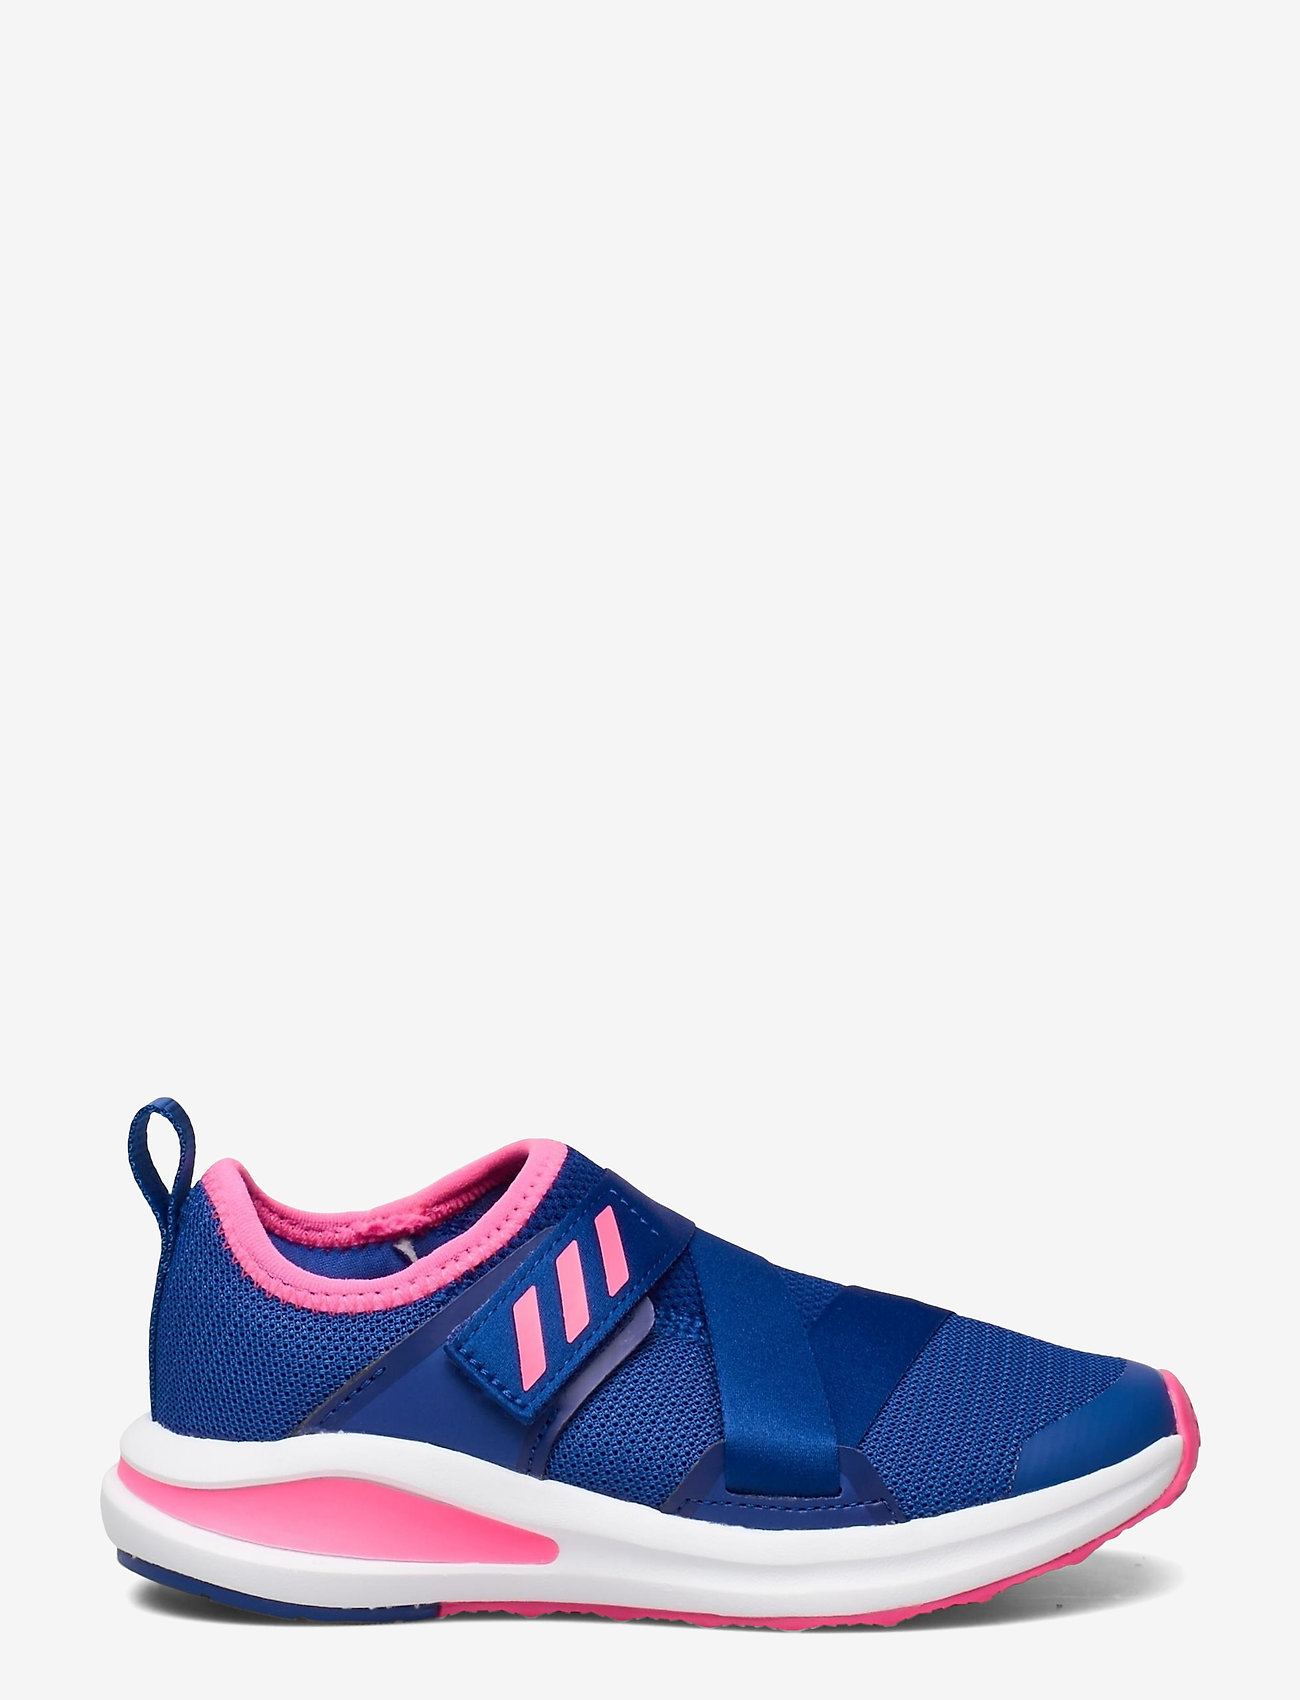 adidas Performance - Fortarun X - schuhe - royblu/sopink/ftwwht - 1